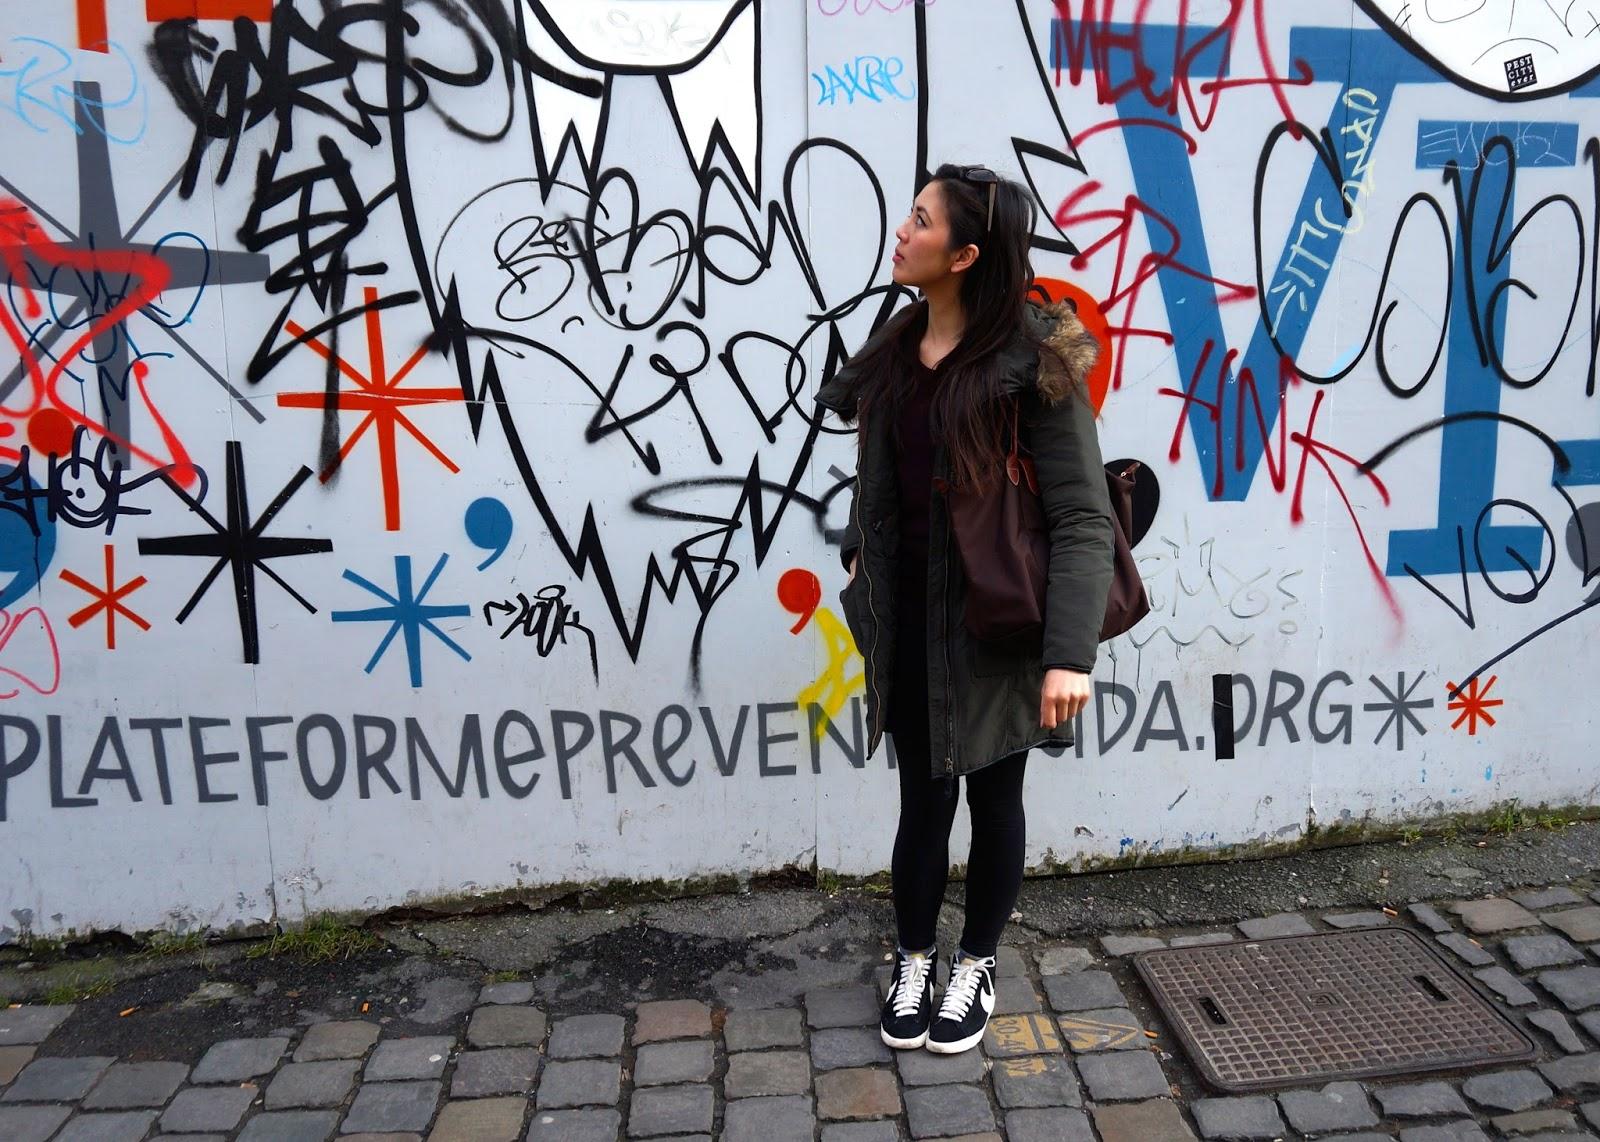 streetart in brussels